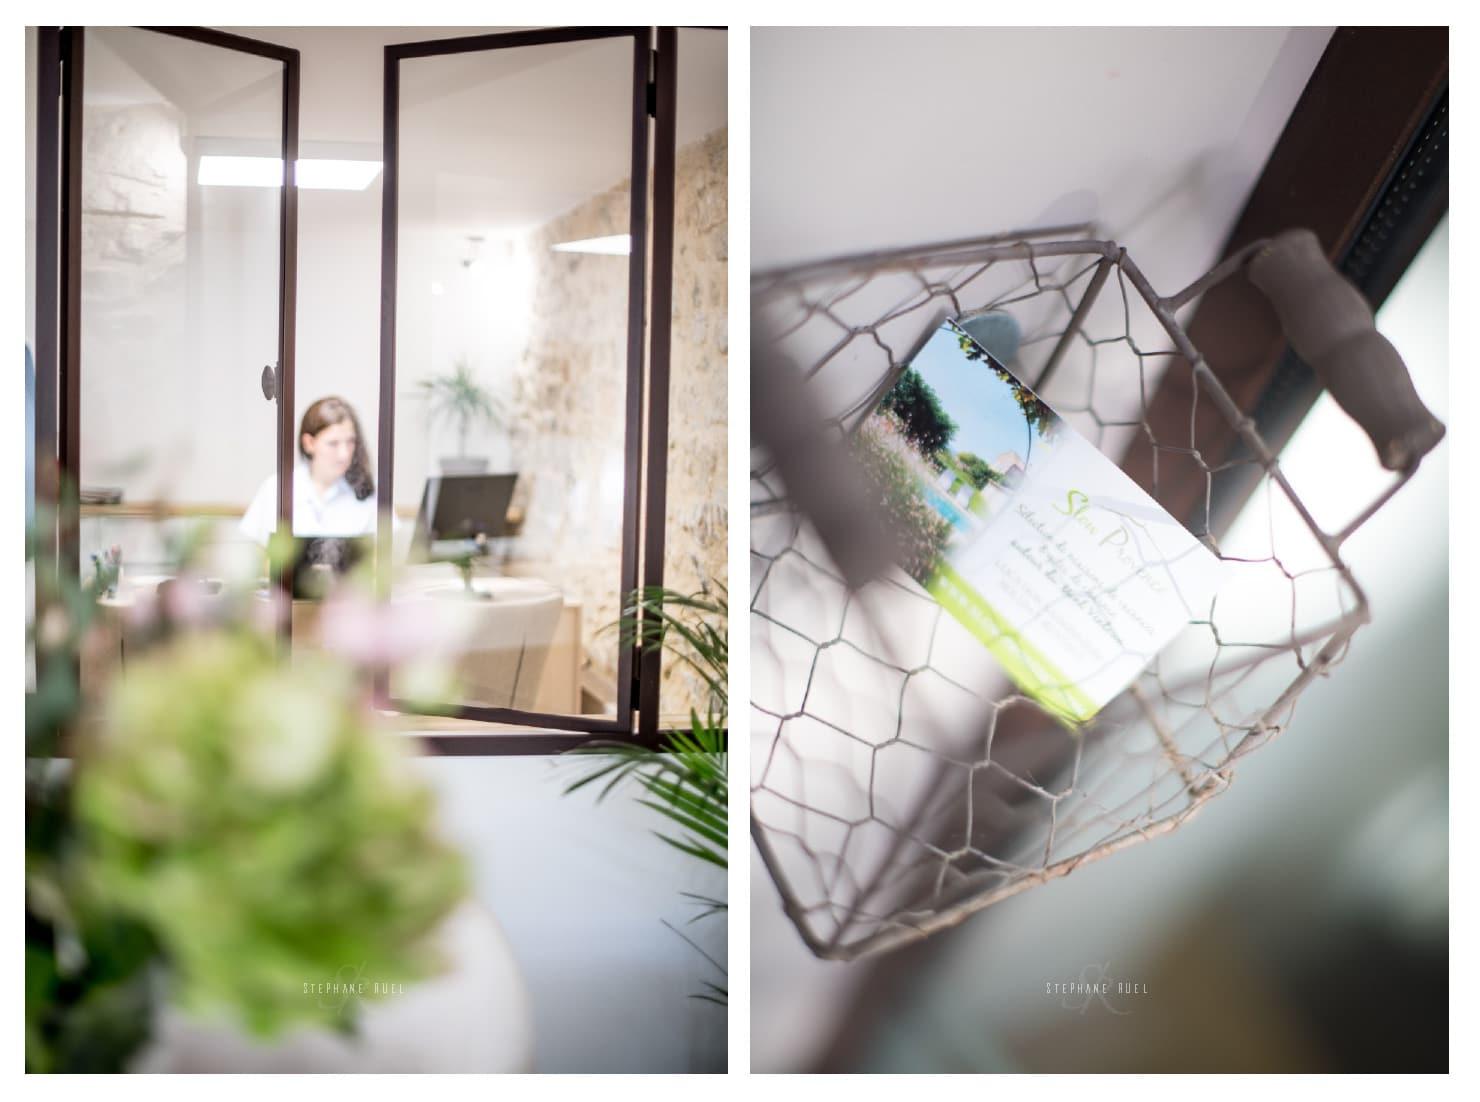 photographe-professionnel-avignon-vaucluse-84000-details-slow-provence-agence-saisonniere-de-location-de-maisons-de-luxe-a-bedoin